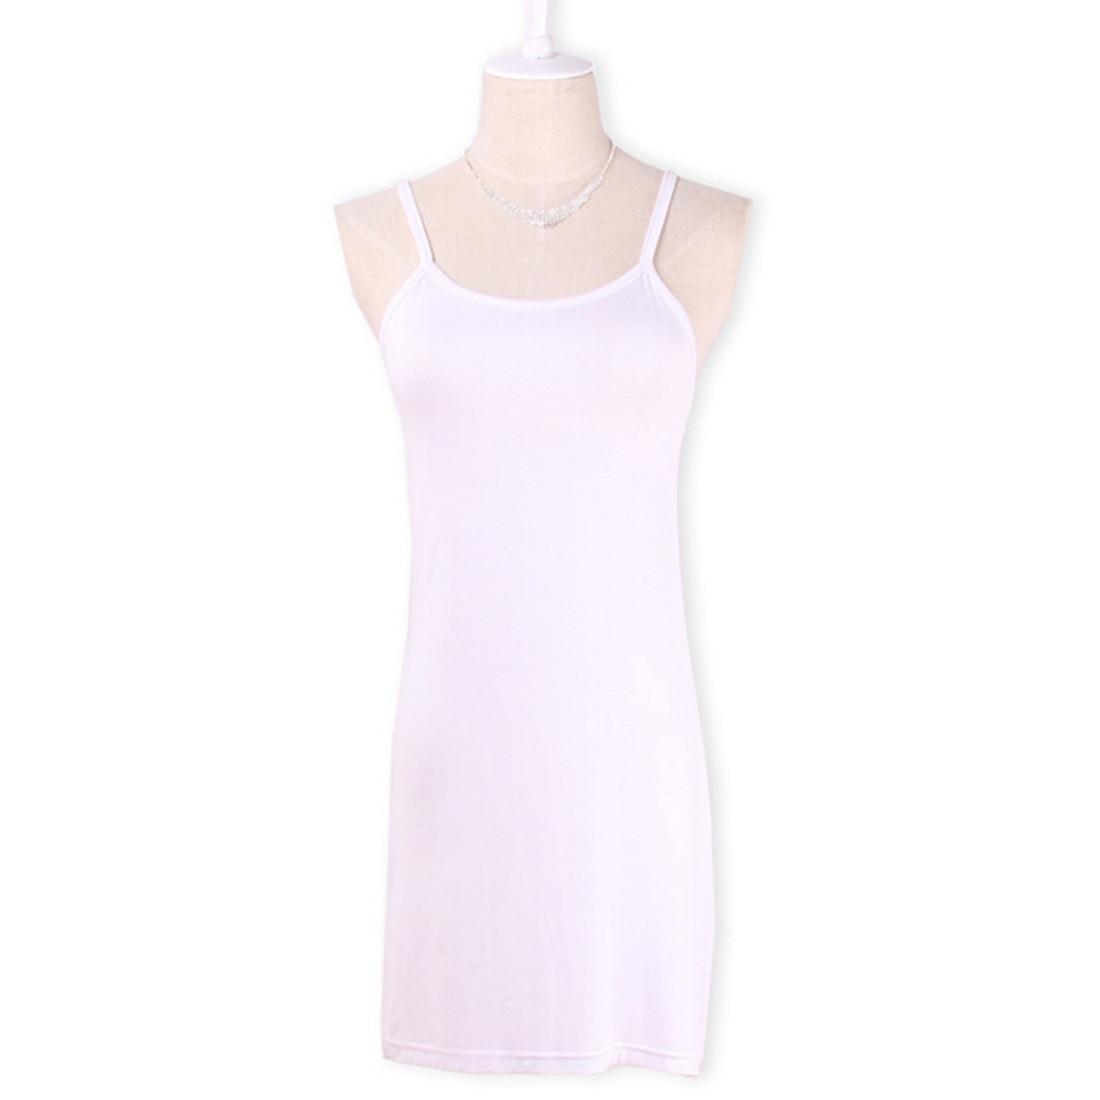 Новинка, Женская эластичная кофточка на бретельках, Длинный топ на бретелях, Мини Короткое платье, летнее повседневное сексуальное платье без рукавов для женщин - Цвет: Белый